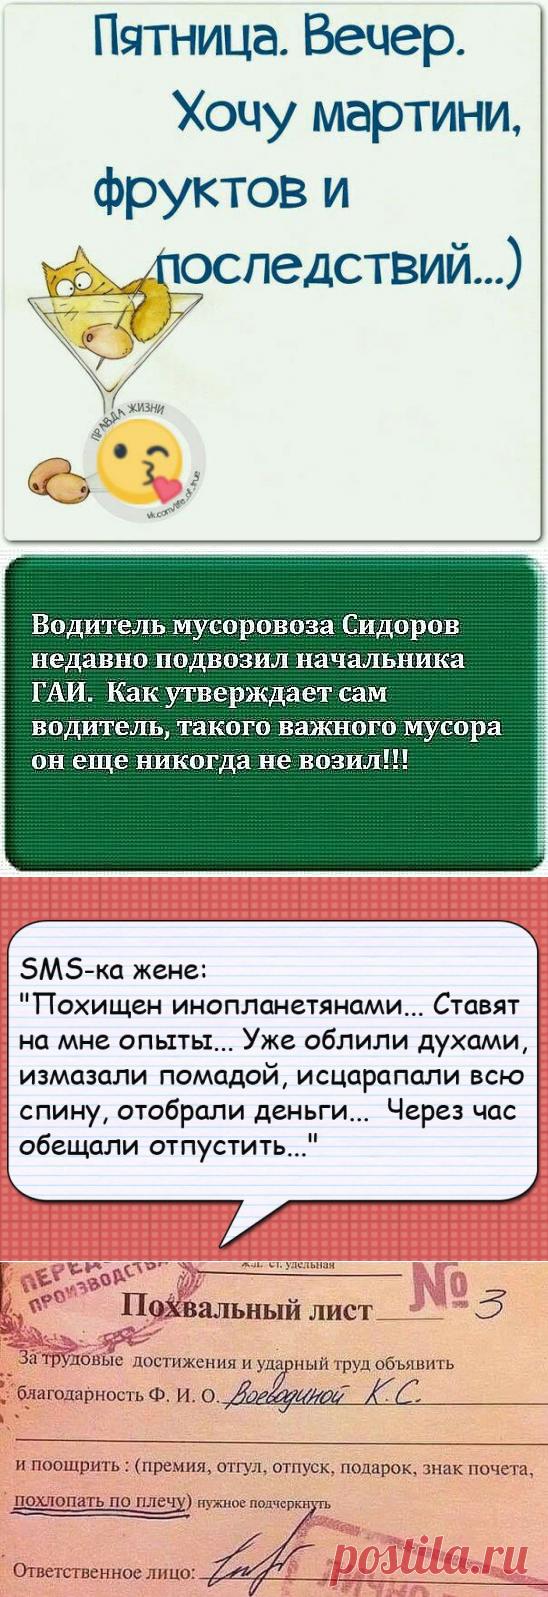 """SMS-ка жене: """"Похищен инопланетянами... Ставят опыты..."""""""